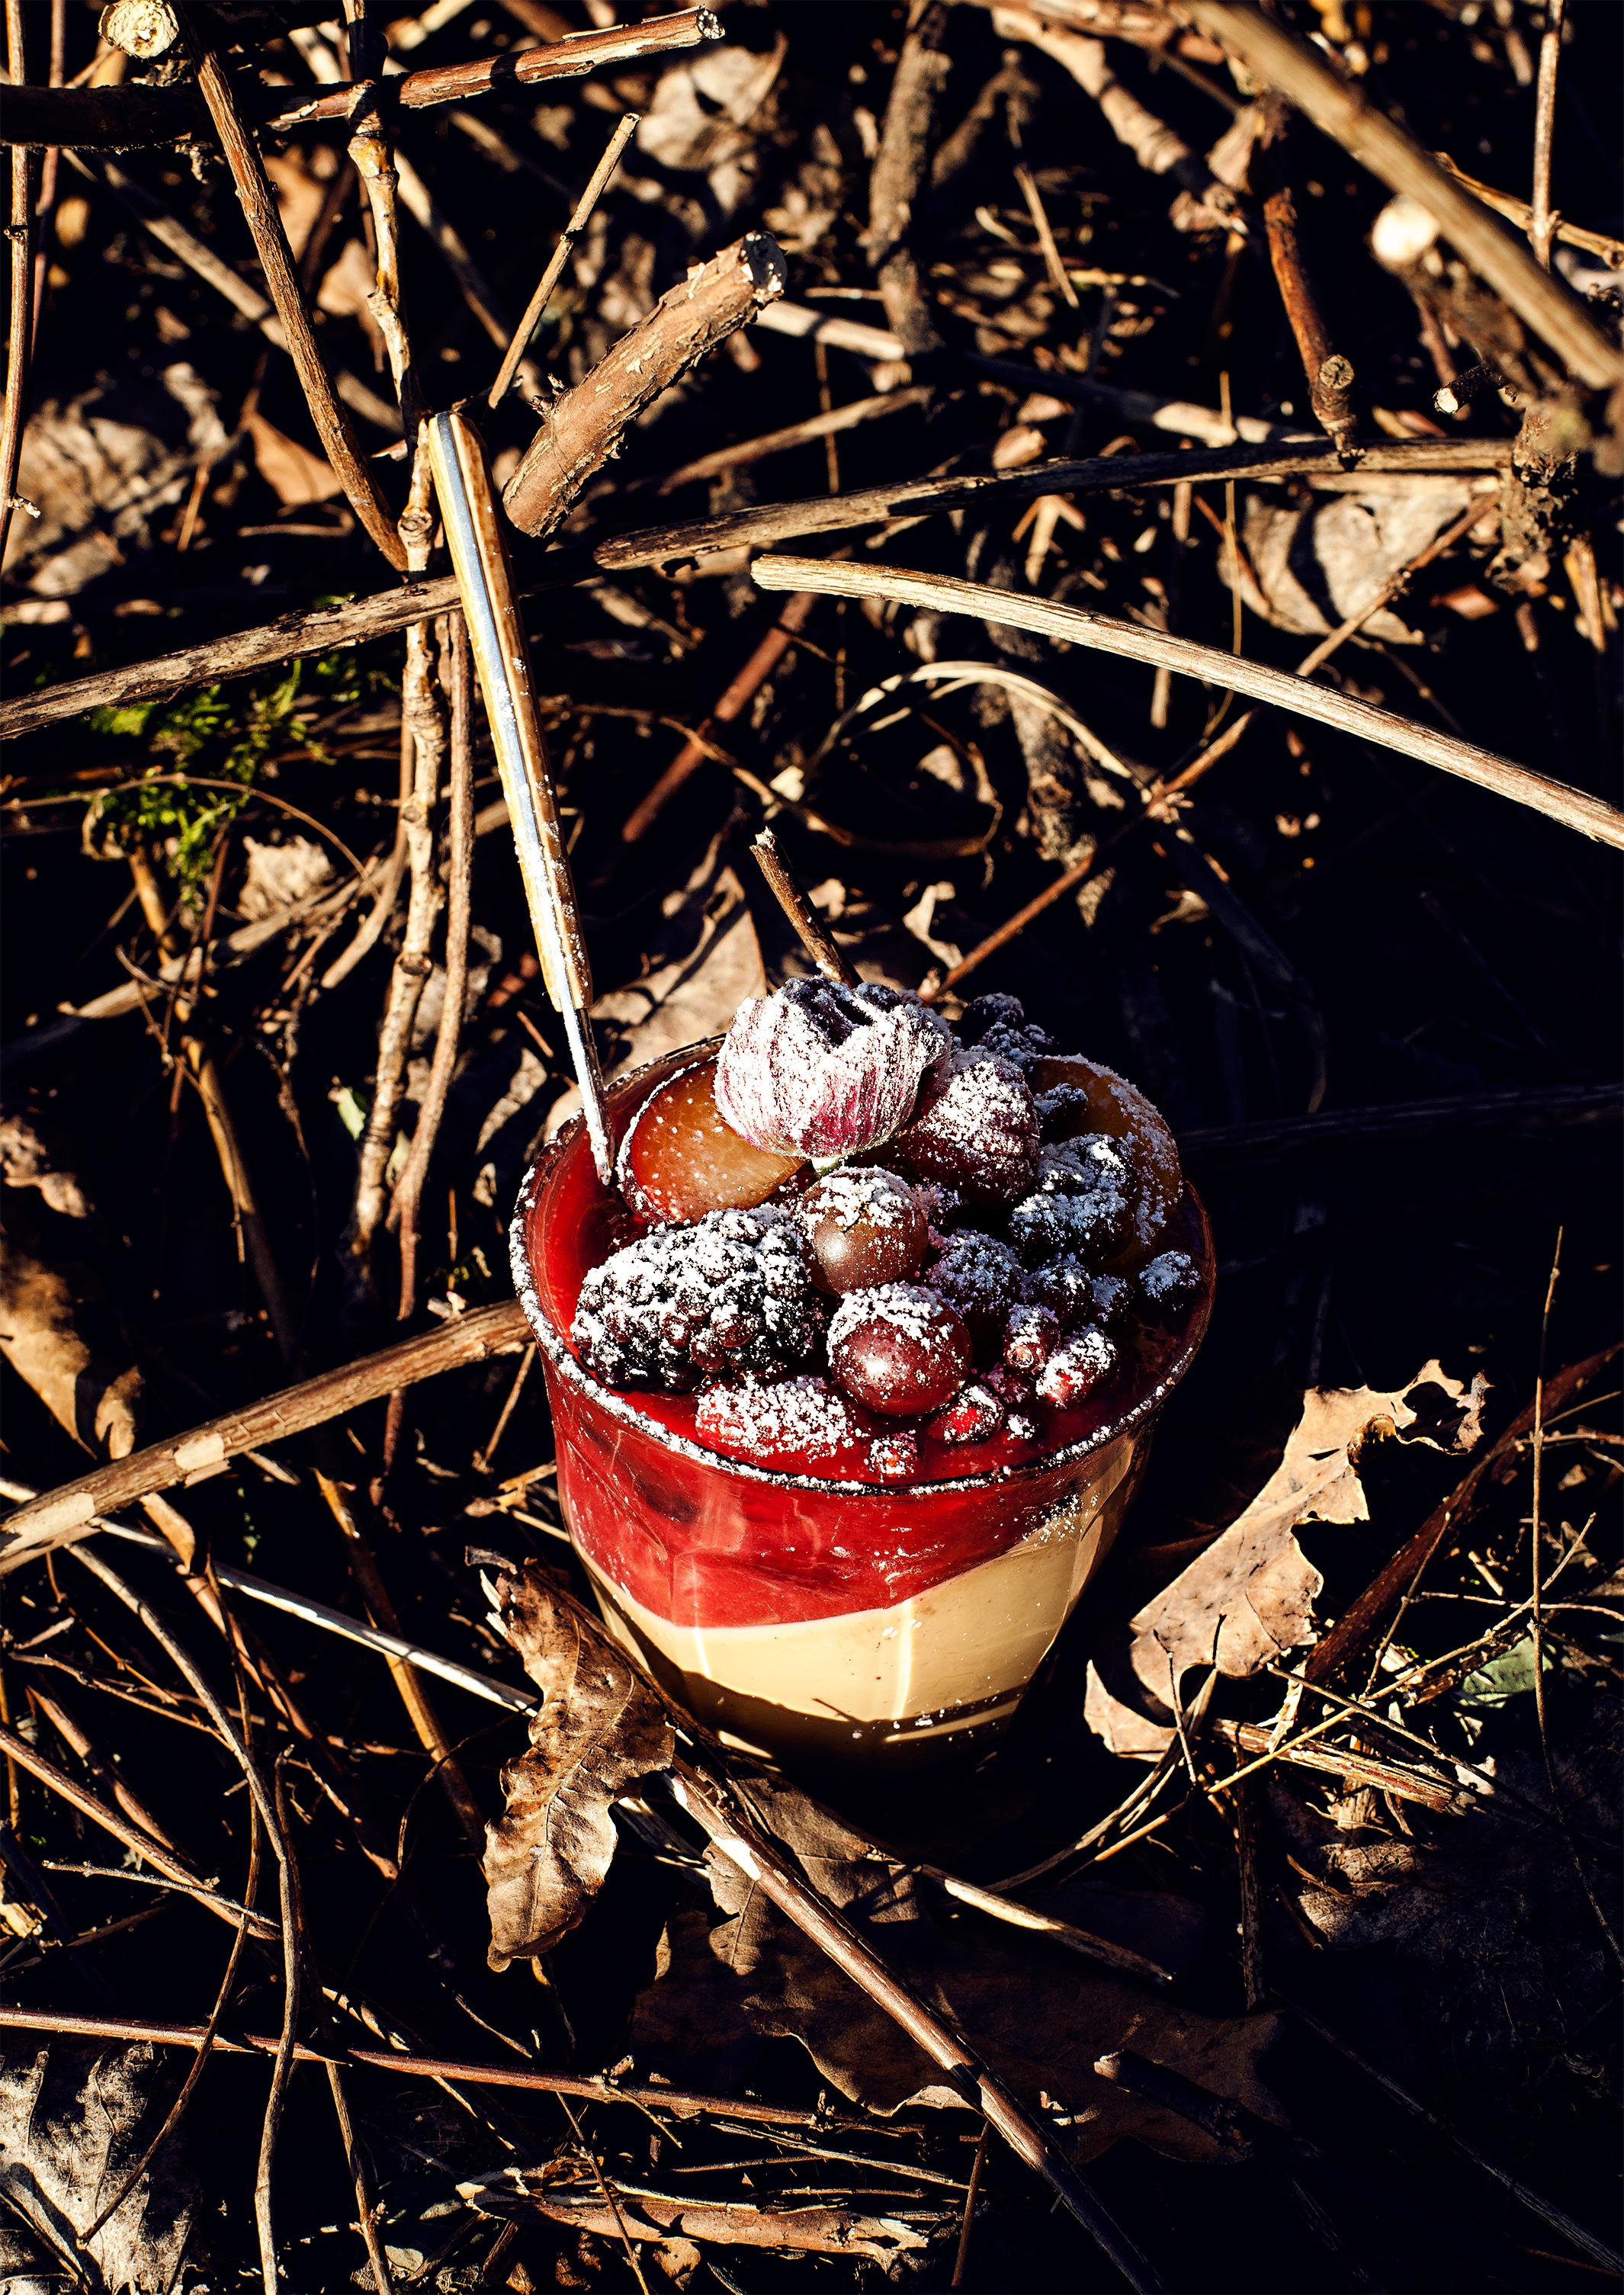 EspressoCrememitmariniertenRumFrüchtenIMG_0165